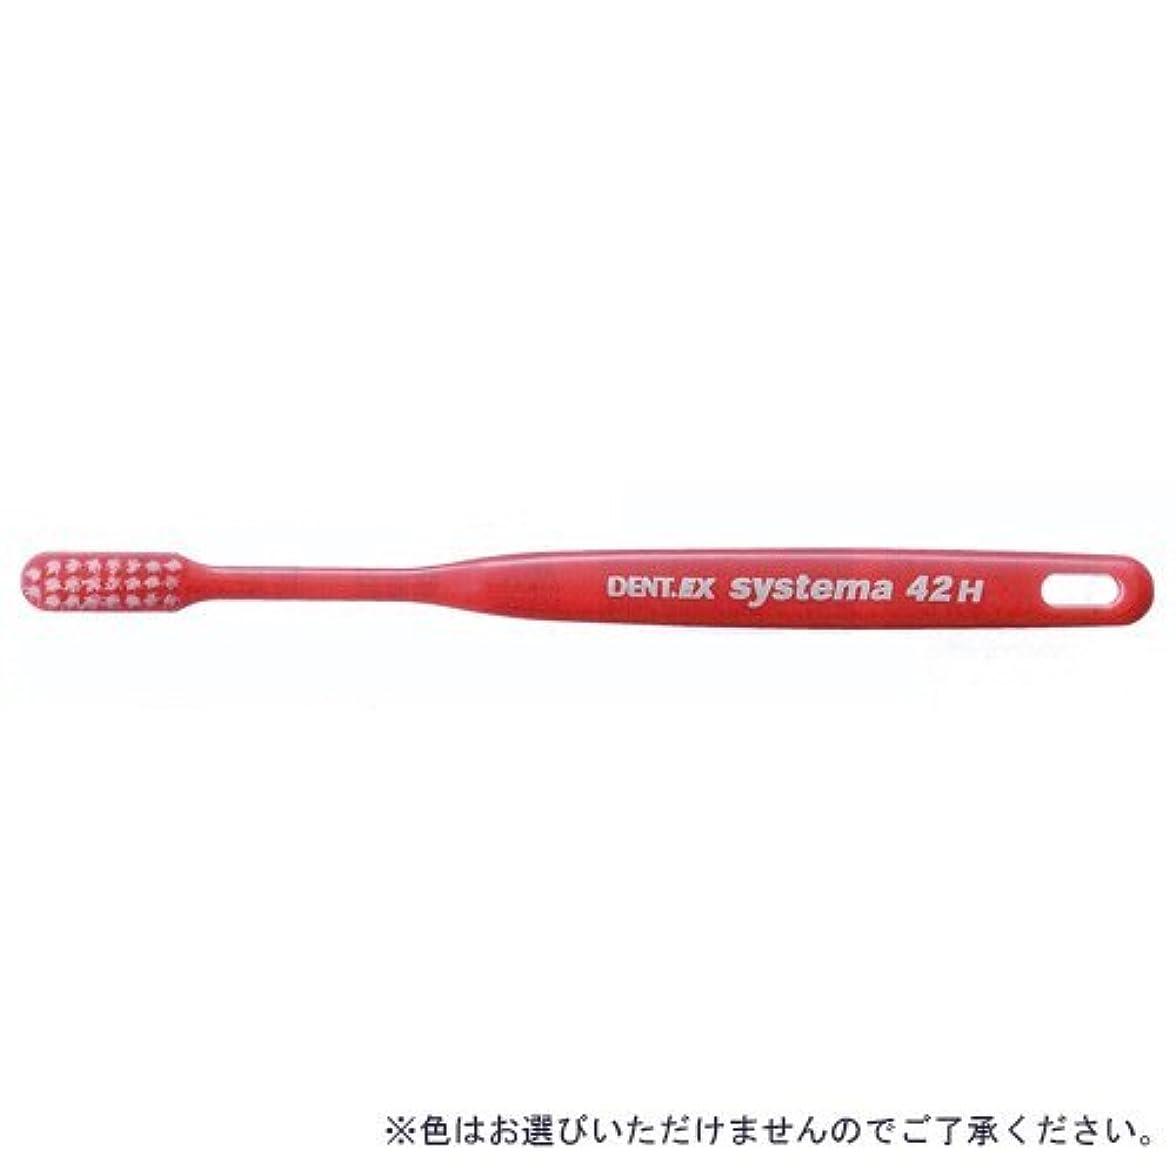 東強大な冷凍庫ライオン DENT.EX システマ 42H(かため)